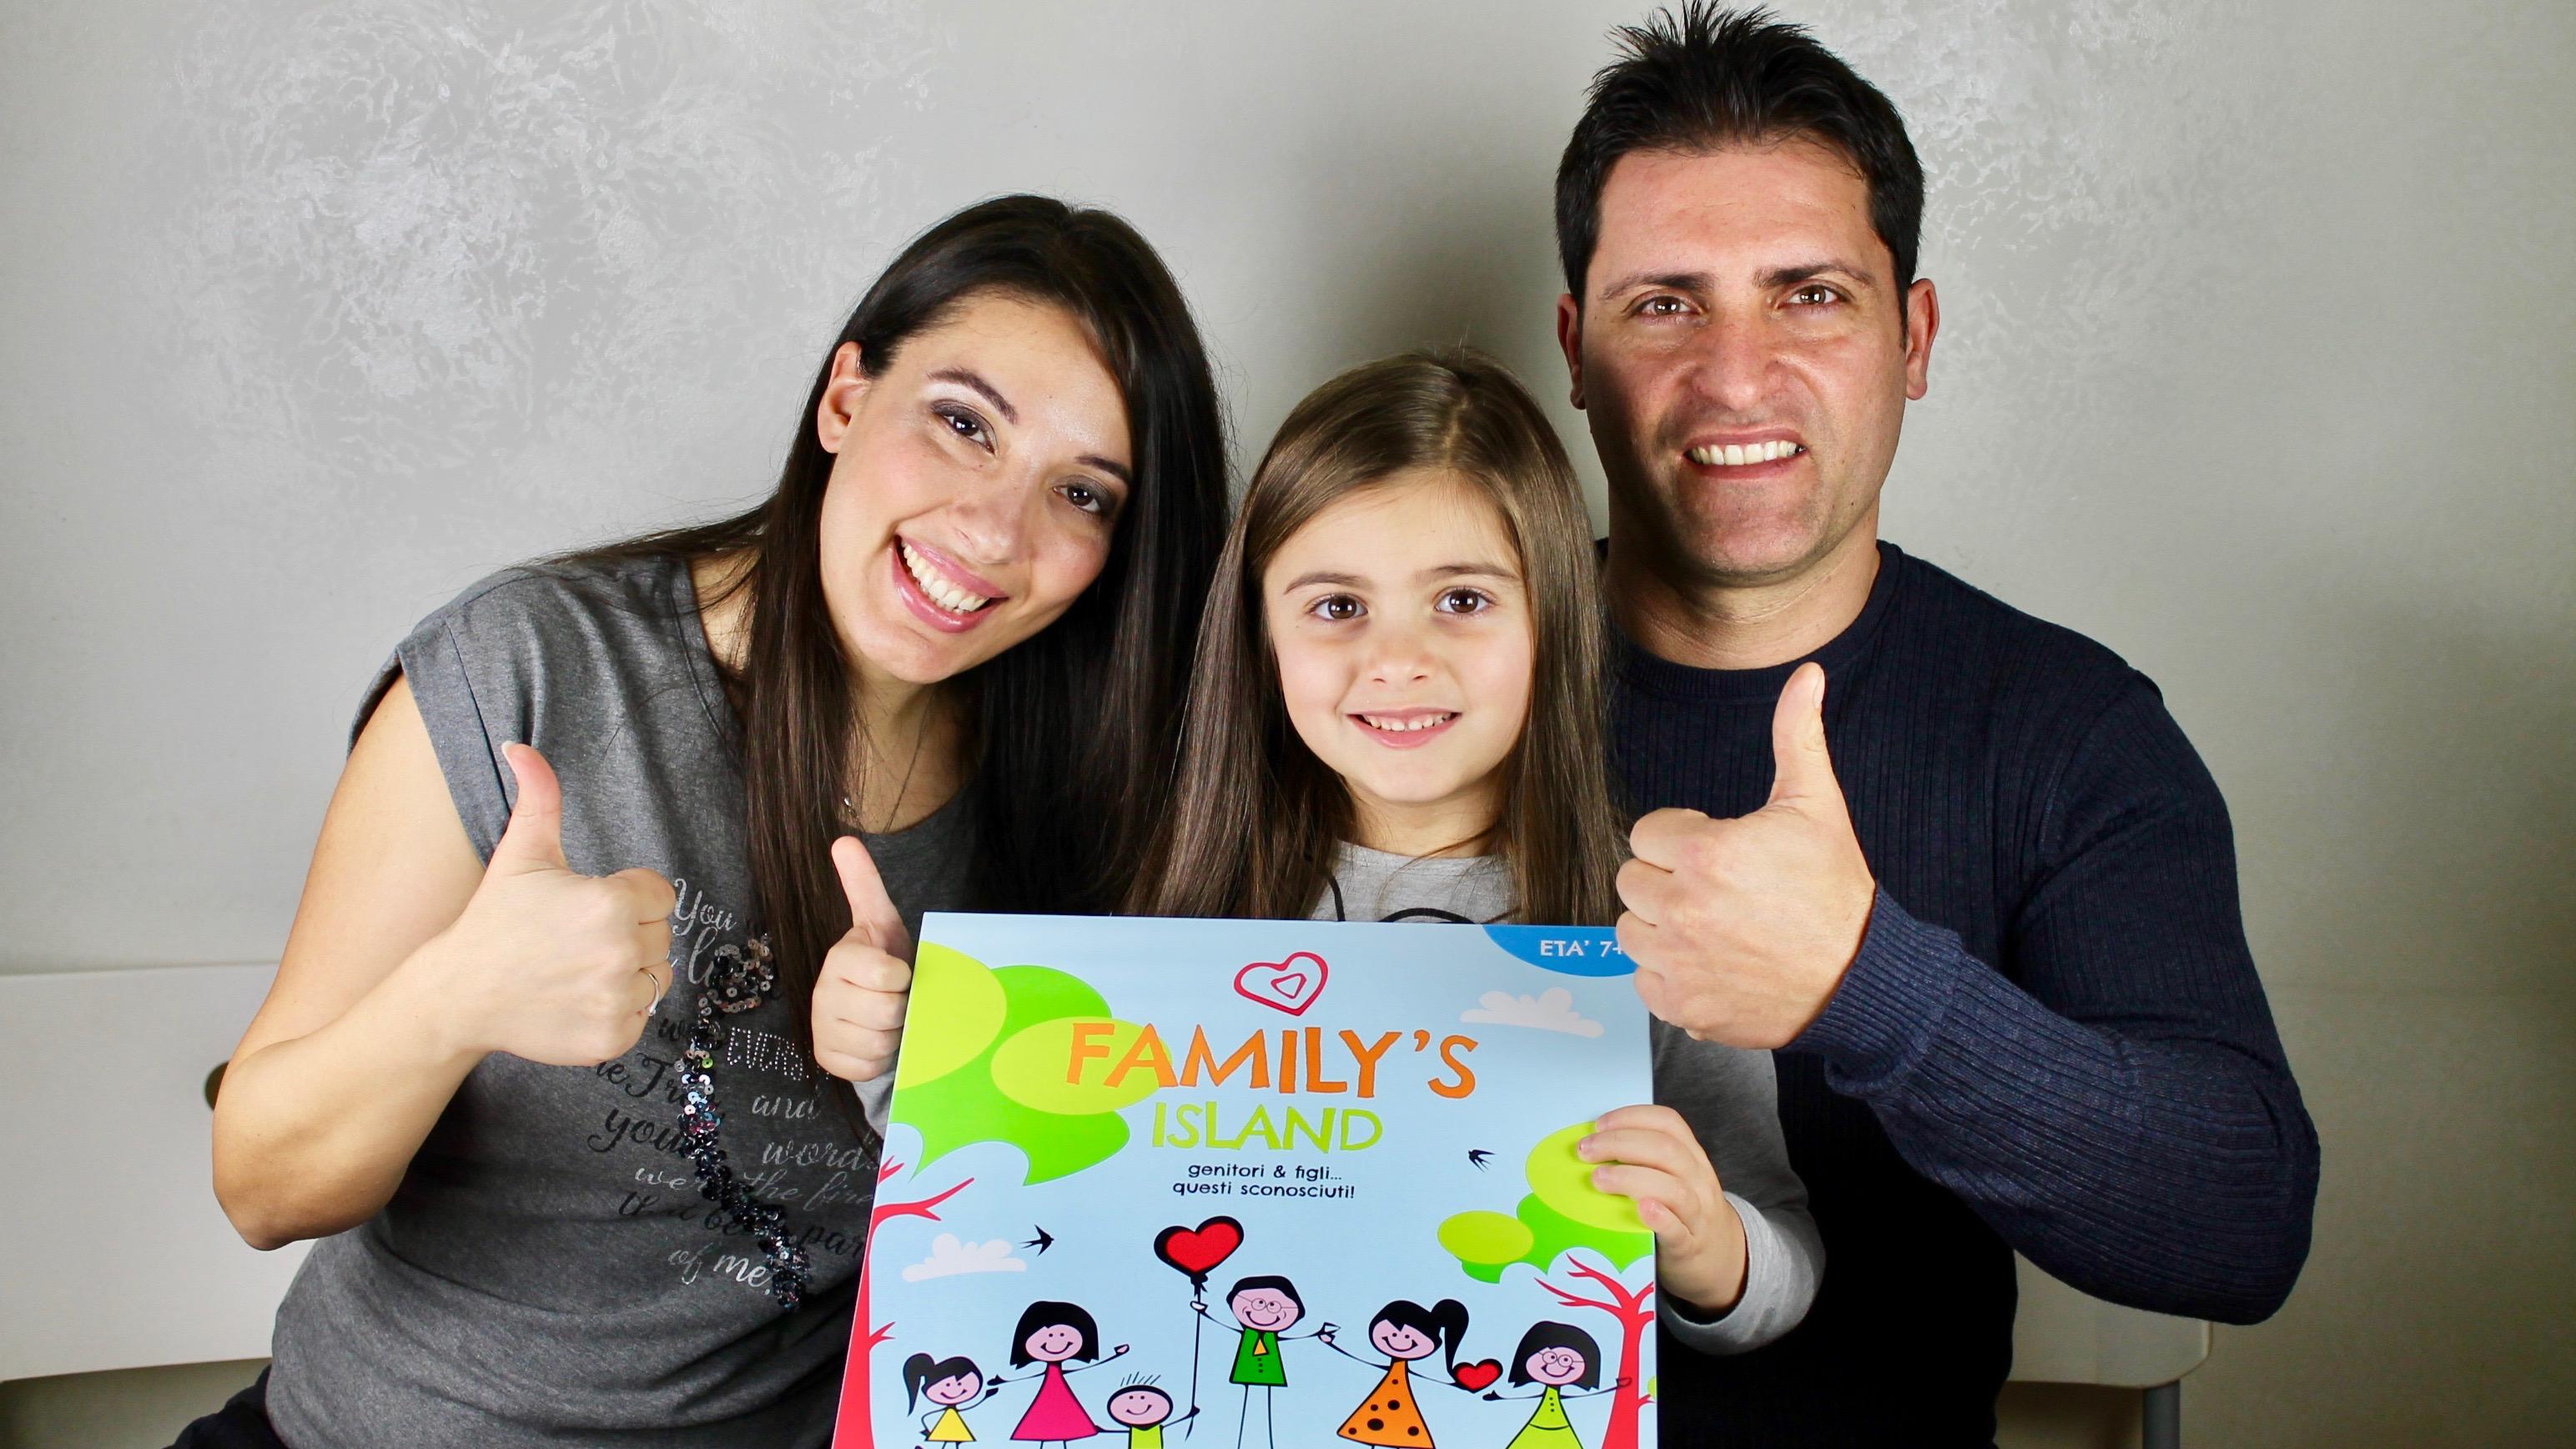 Family's Island un gioco da tavola per stimolare la comunicazione in famiglia